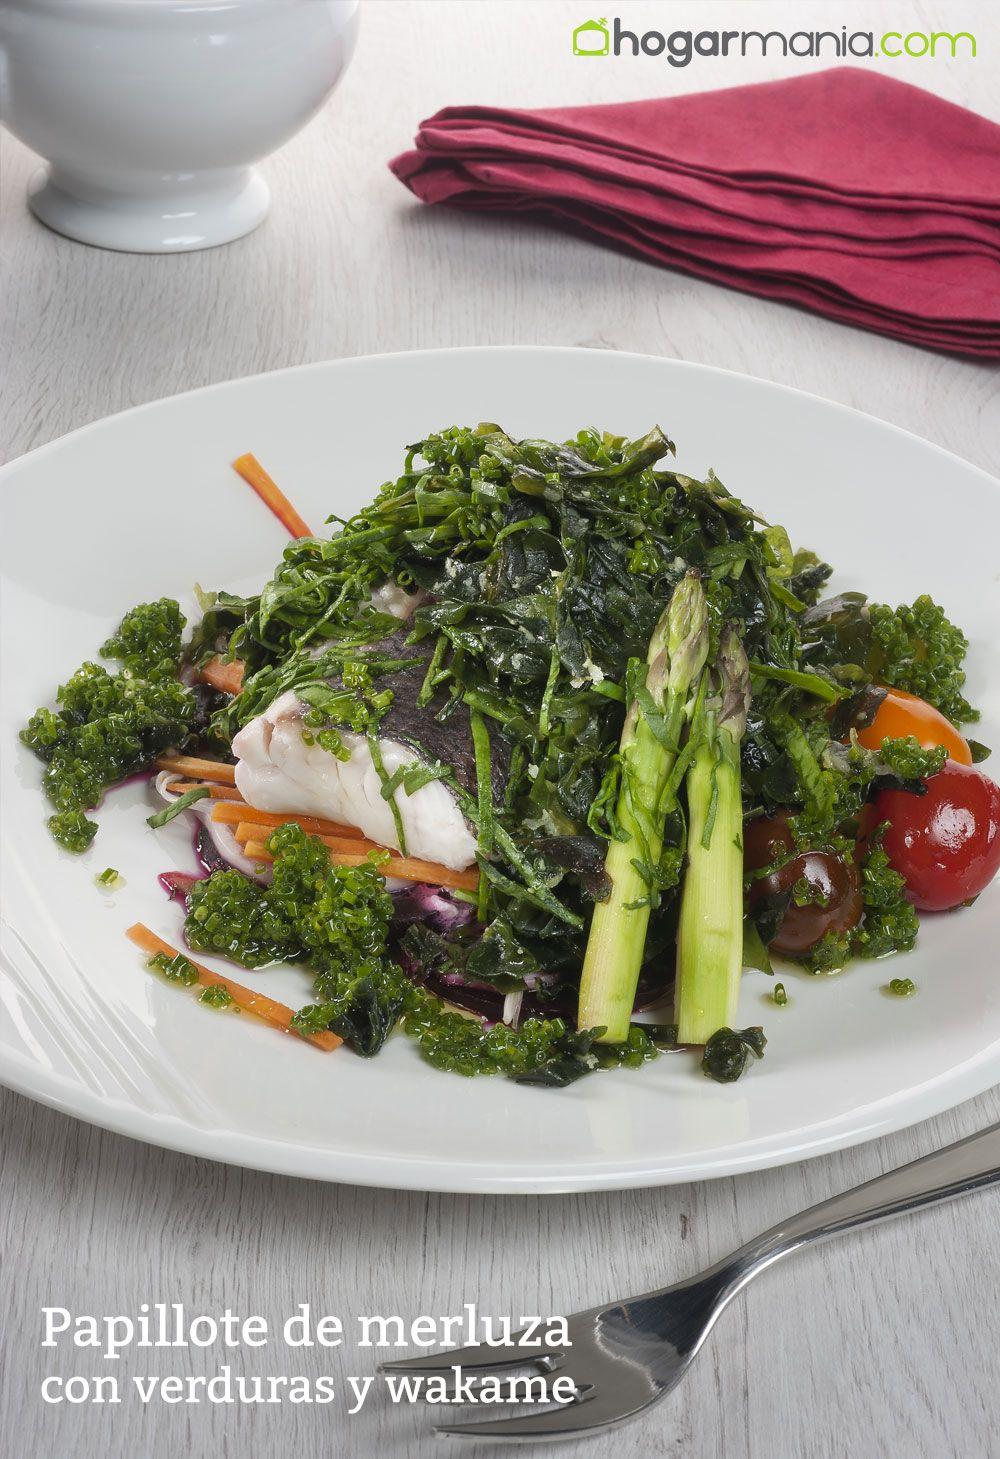 papillote de merluza con verduras y wakame